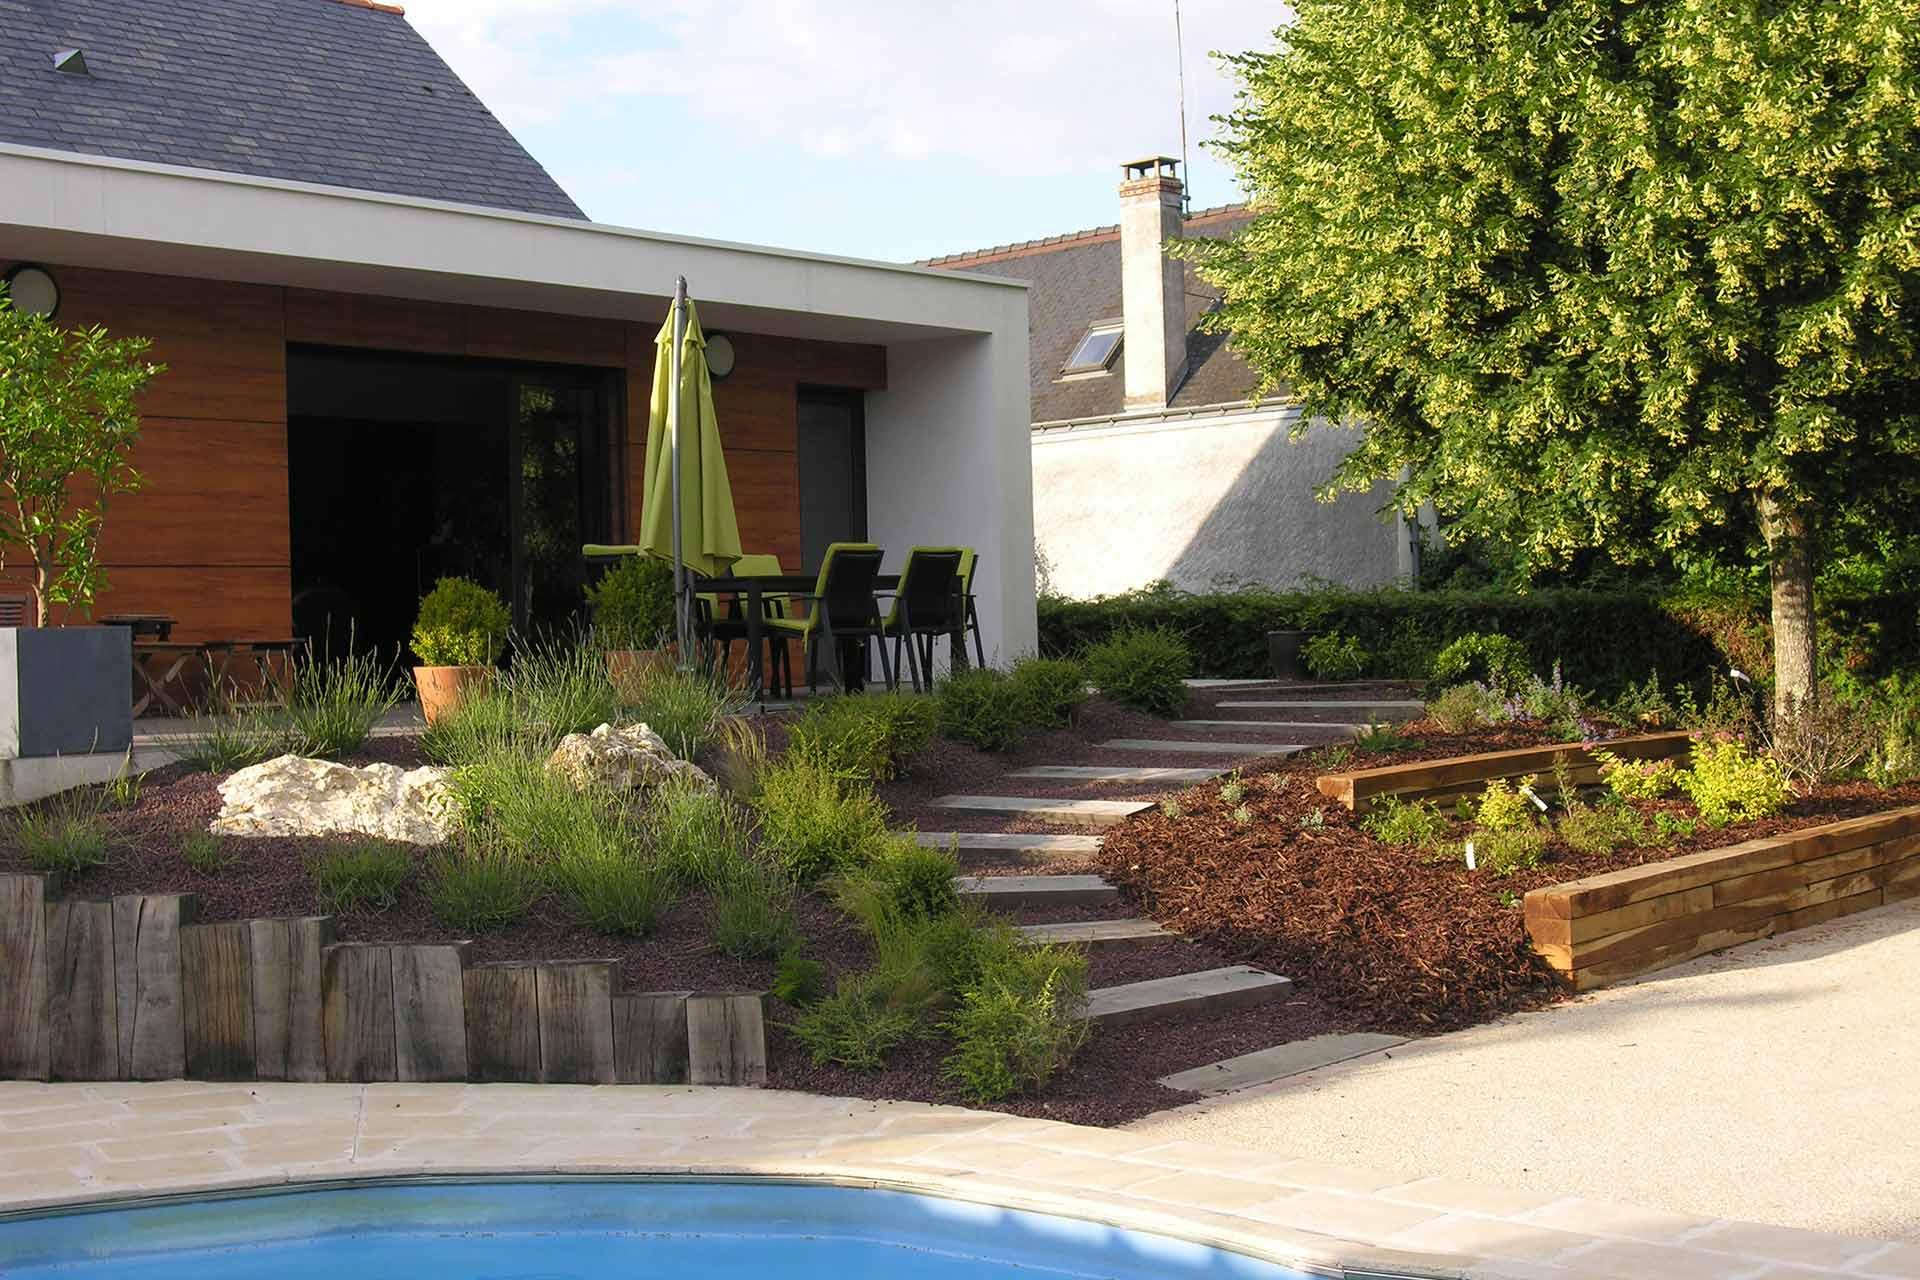 Serrault Jardins paysagiste, en Indre et Loire vous propose ses services pour l'aménagement paysager de vos extérieurs.